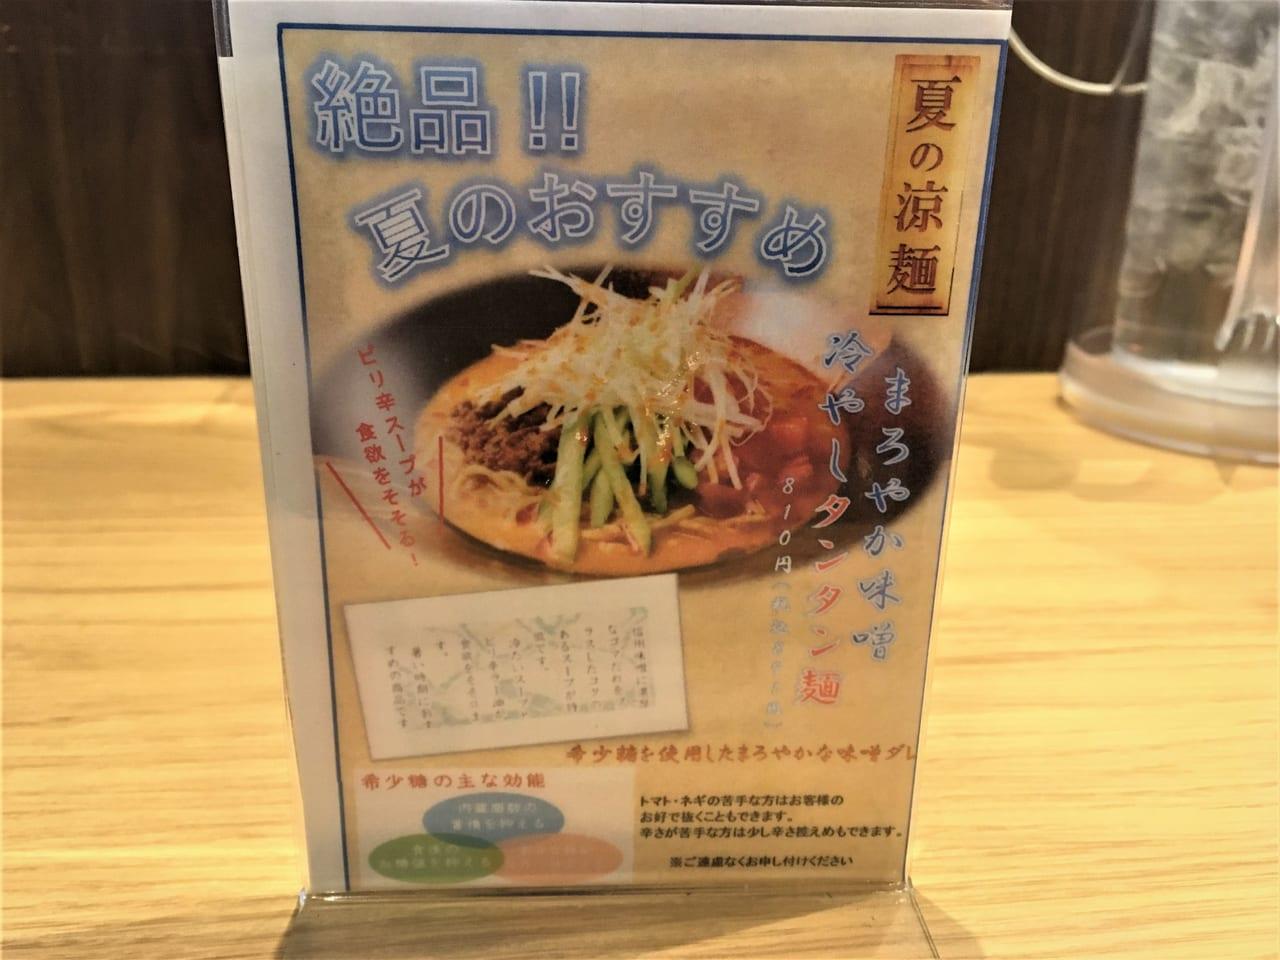 麺場田所商店「冷やしタンタン麺」の説明プレート